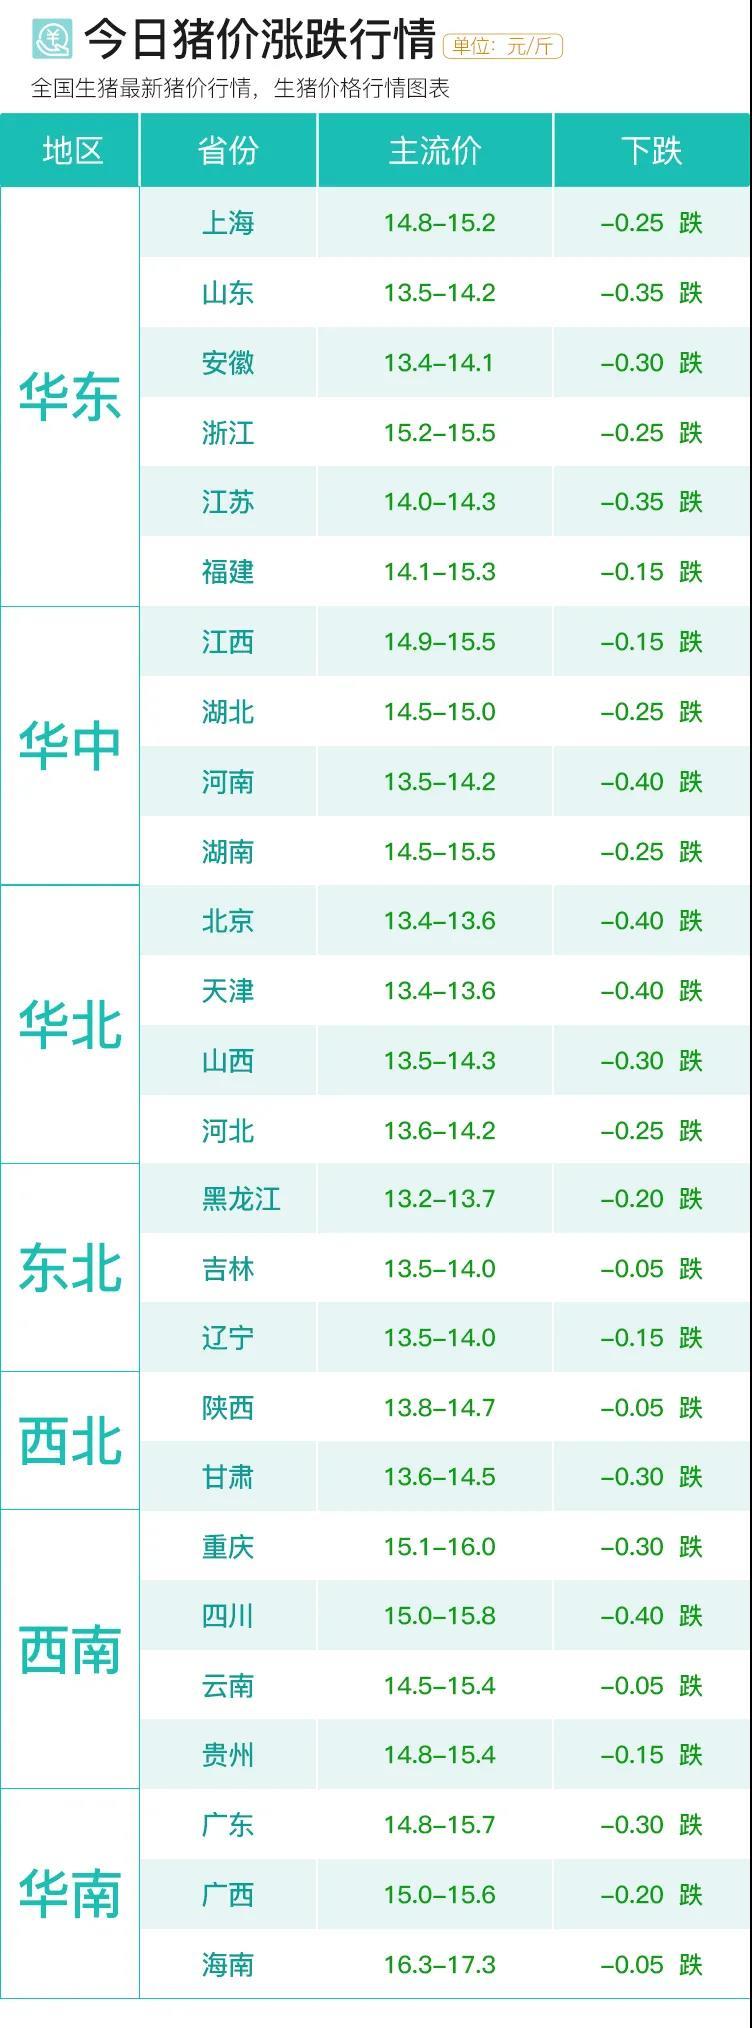 10月24日|猪价大跌,饲料上涨,后市行情如何判断?